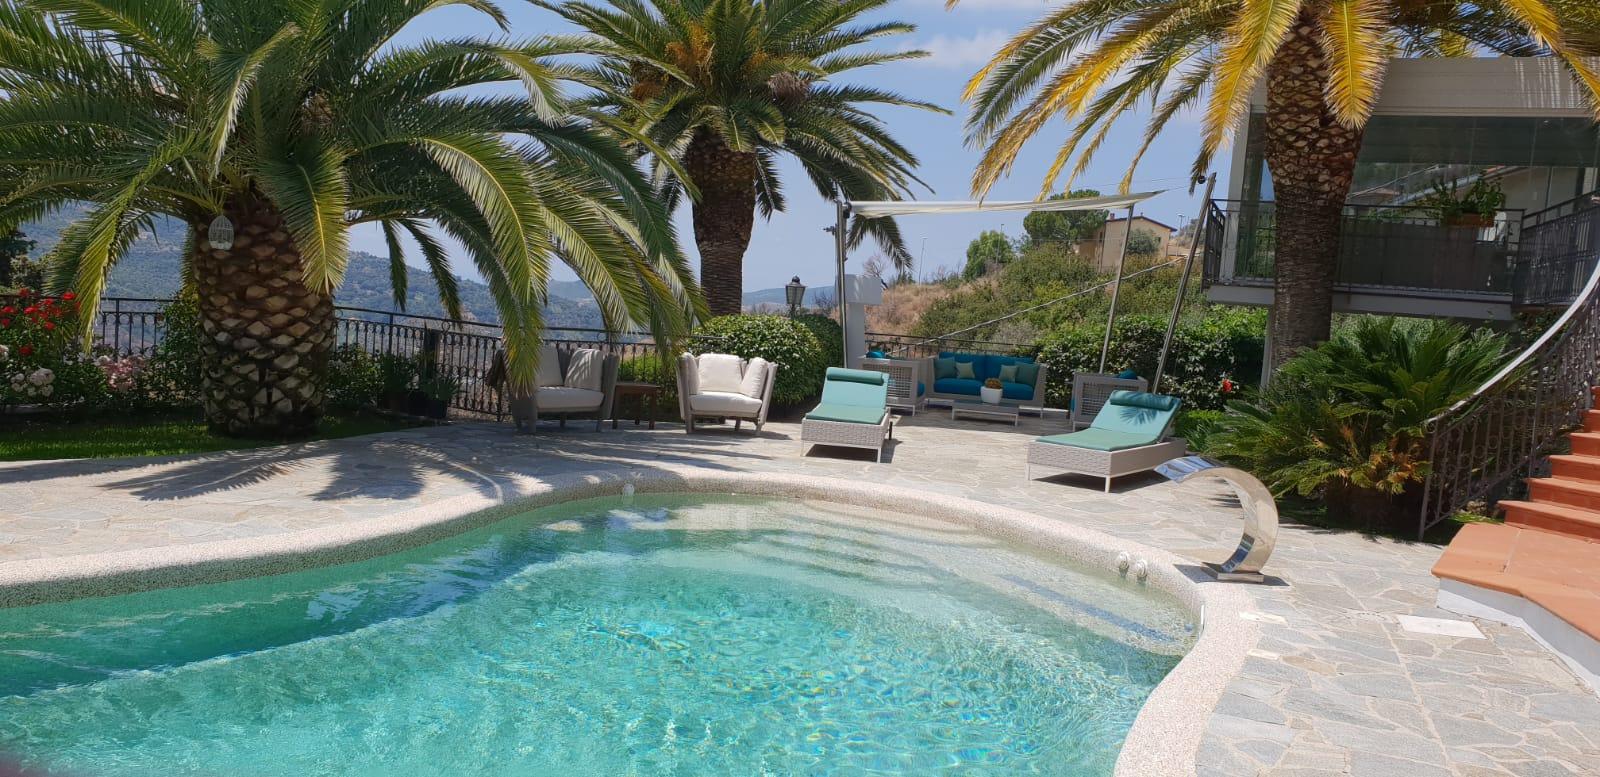 Villa in affitto a Torchiara, 8 locali, prezzo € 3.500 | CambioCasa.it